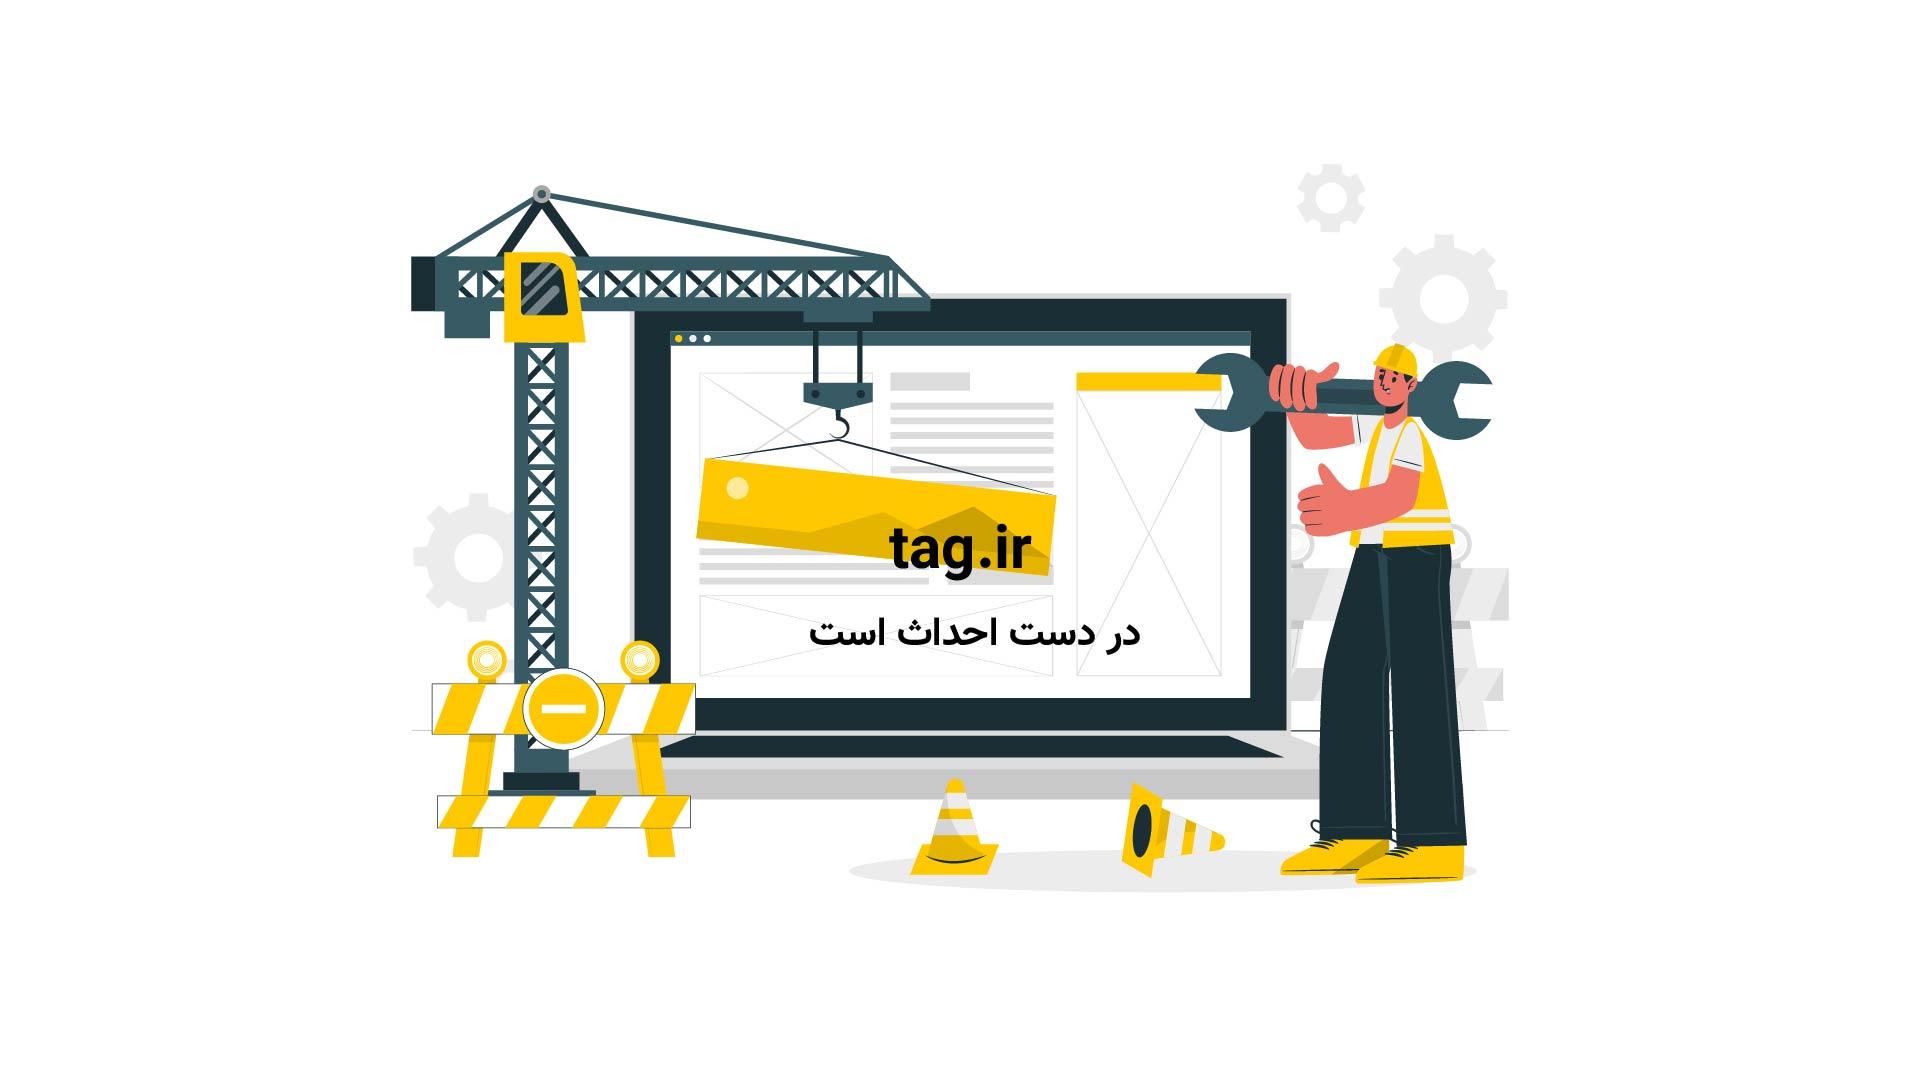 سخنرانی های تد؛ دستگاهی برای کشف سیارات شبیه به زمین | فیلم